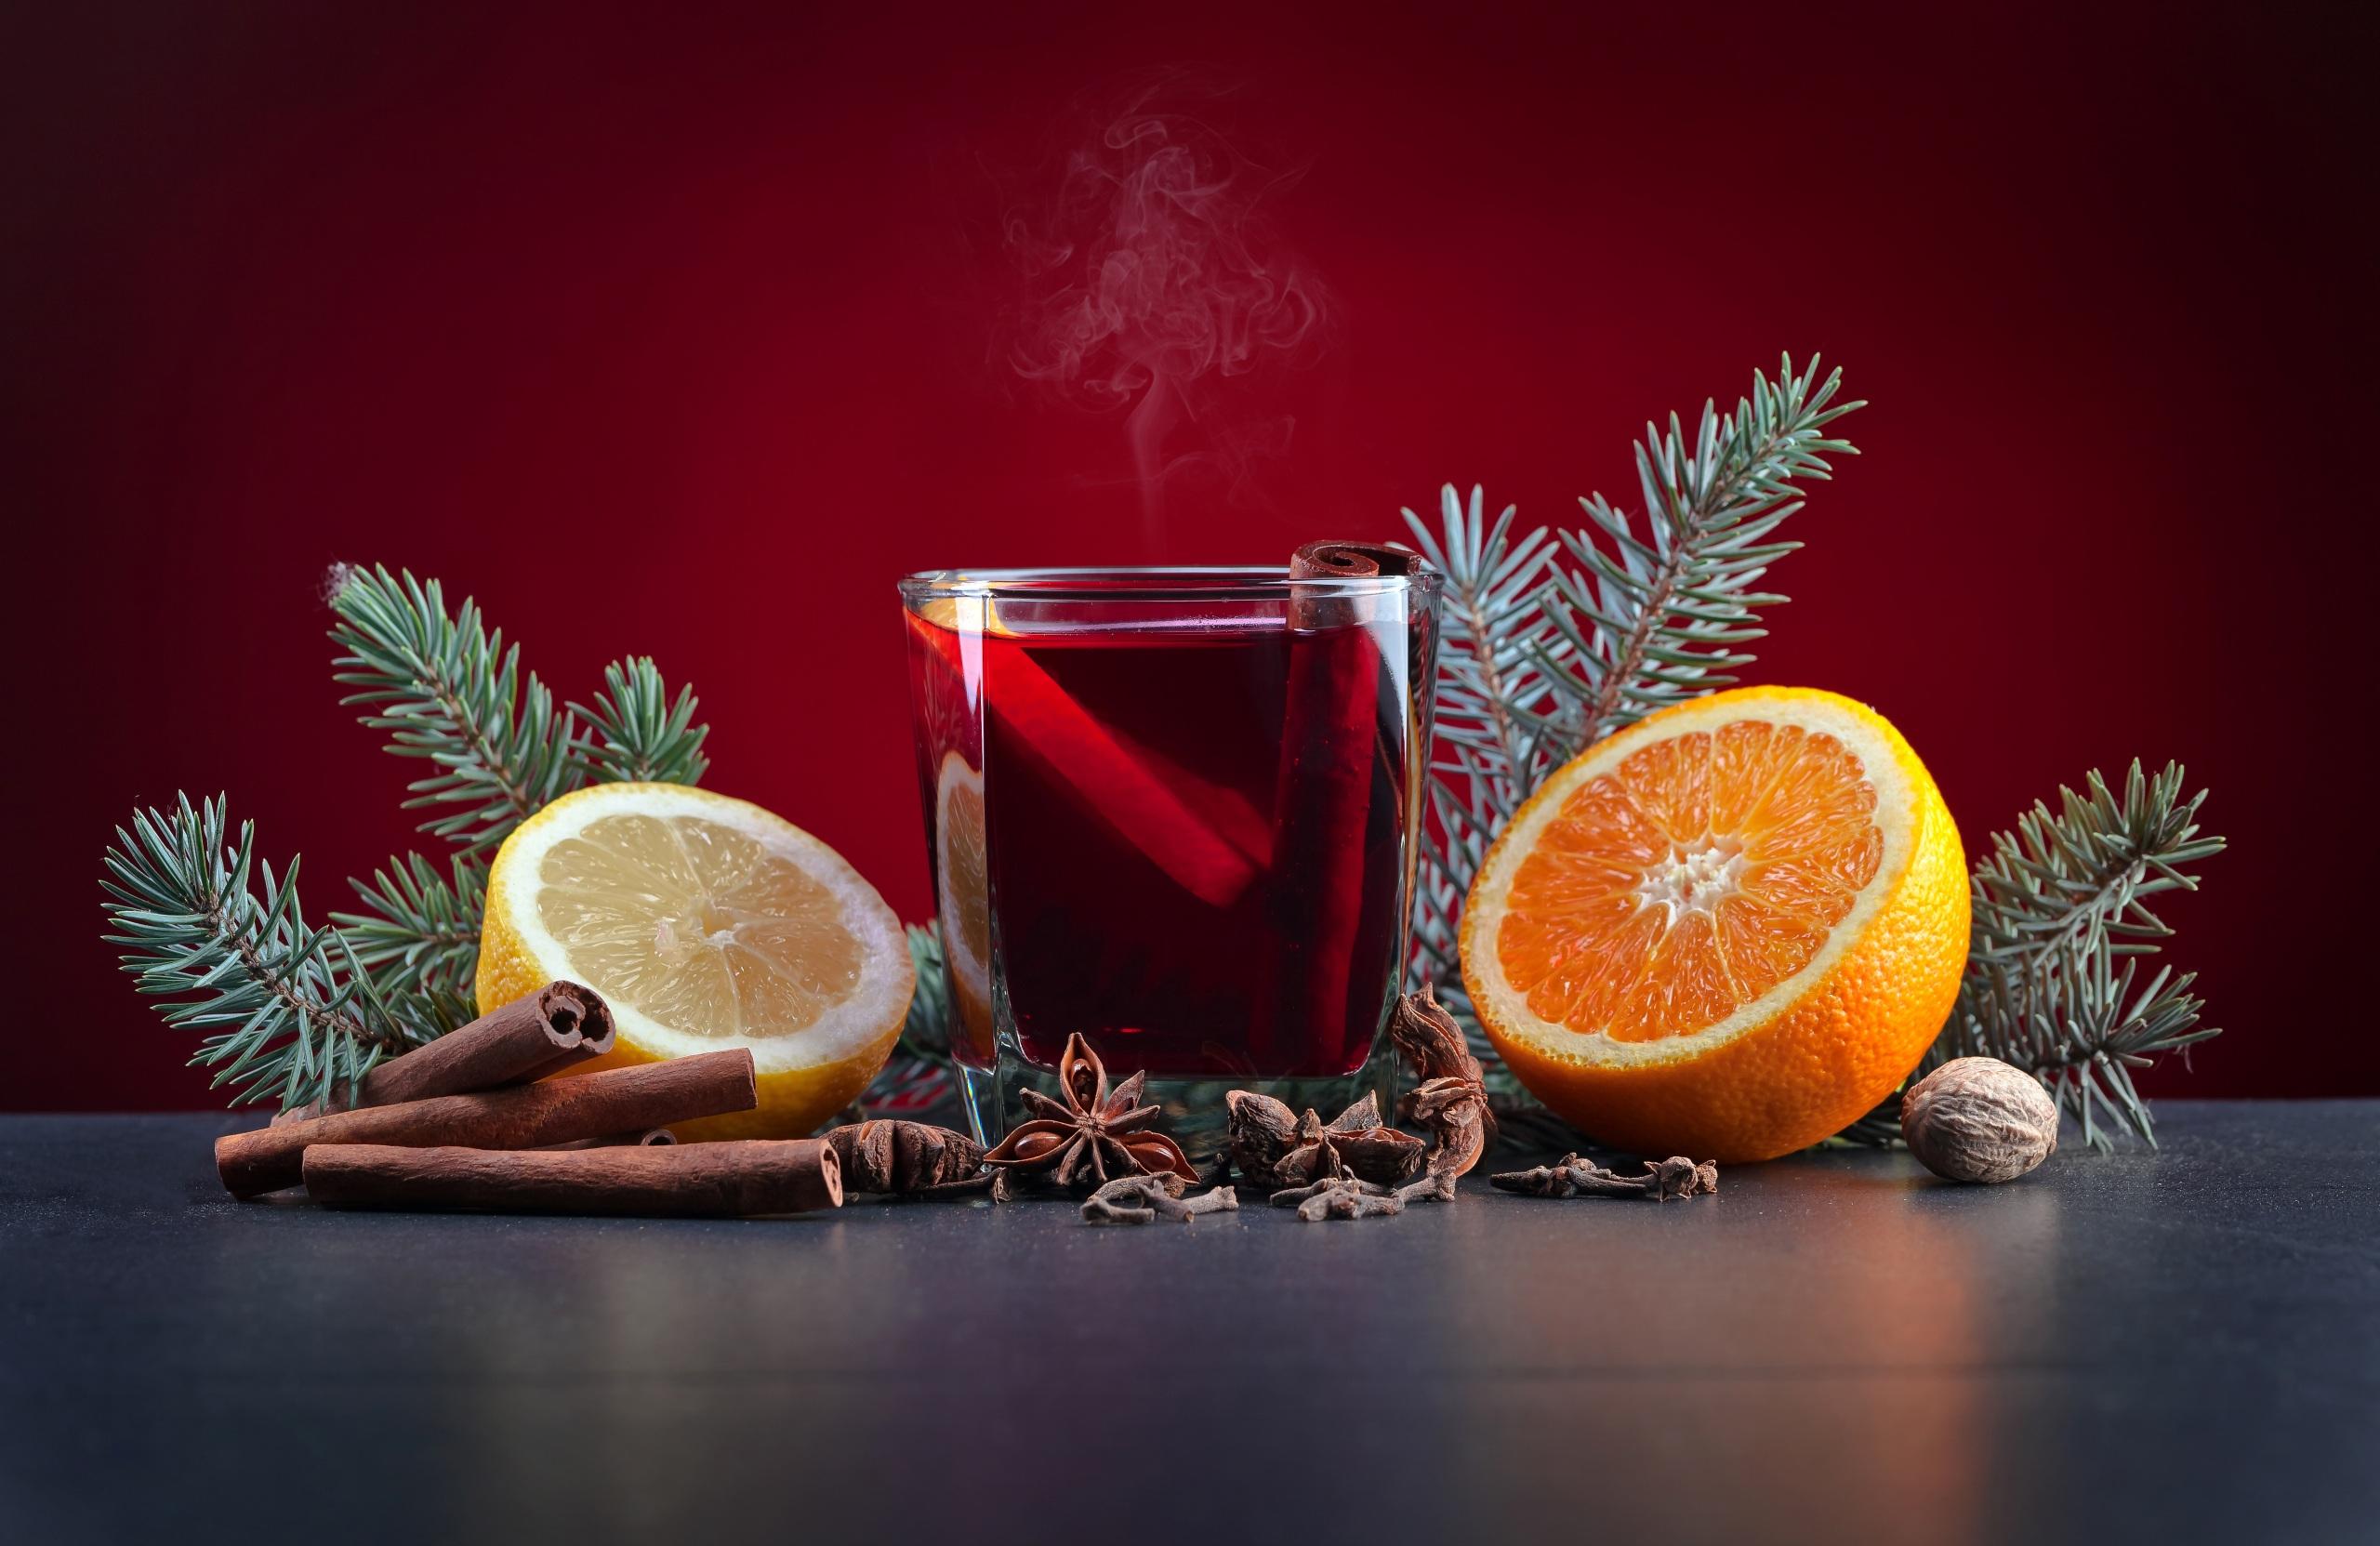 Картинка Новый год Апельсин Бадьян звезда аниса Стакан Лимоны Корица Еда Орехи Напитки 2560x1663 Рождество стакана стакане Пища Продукты питания